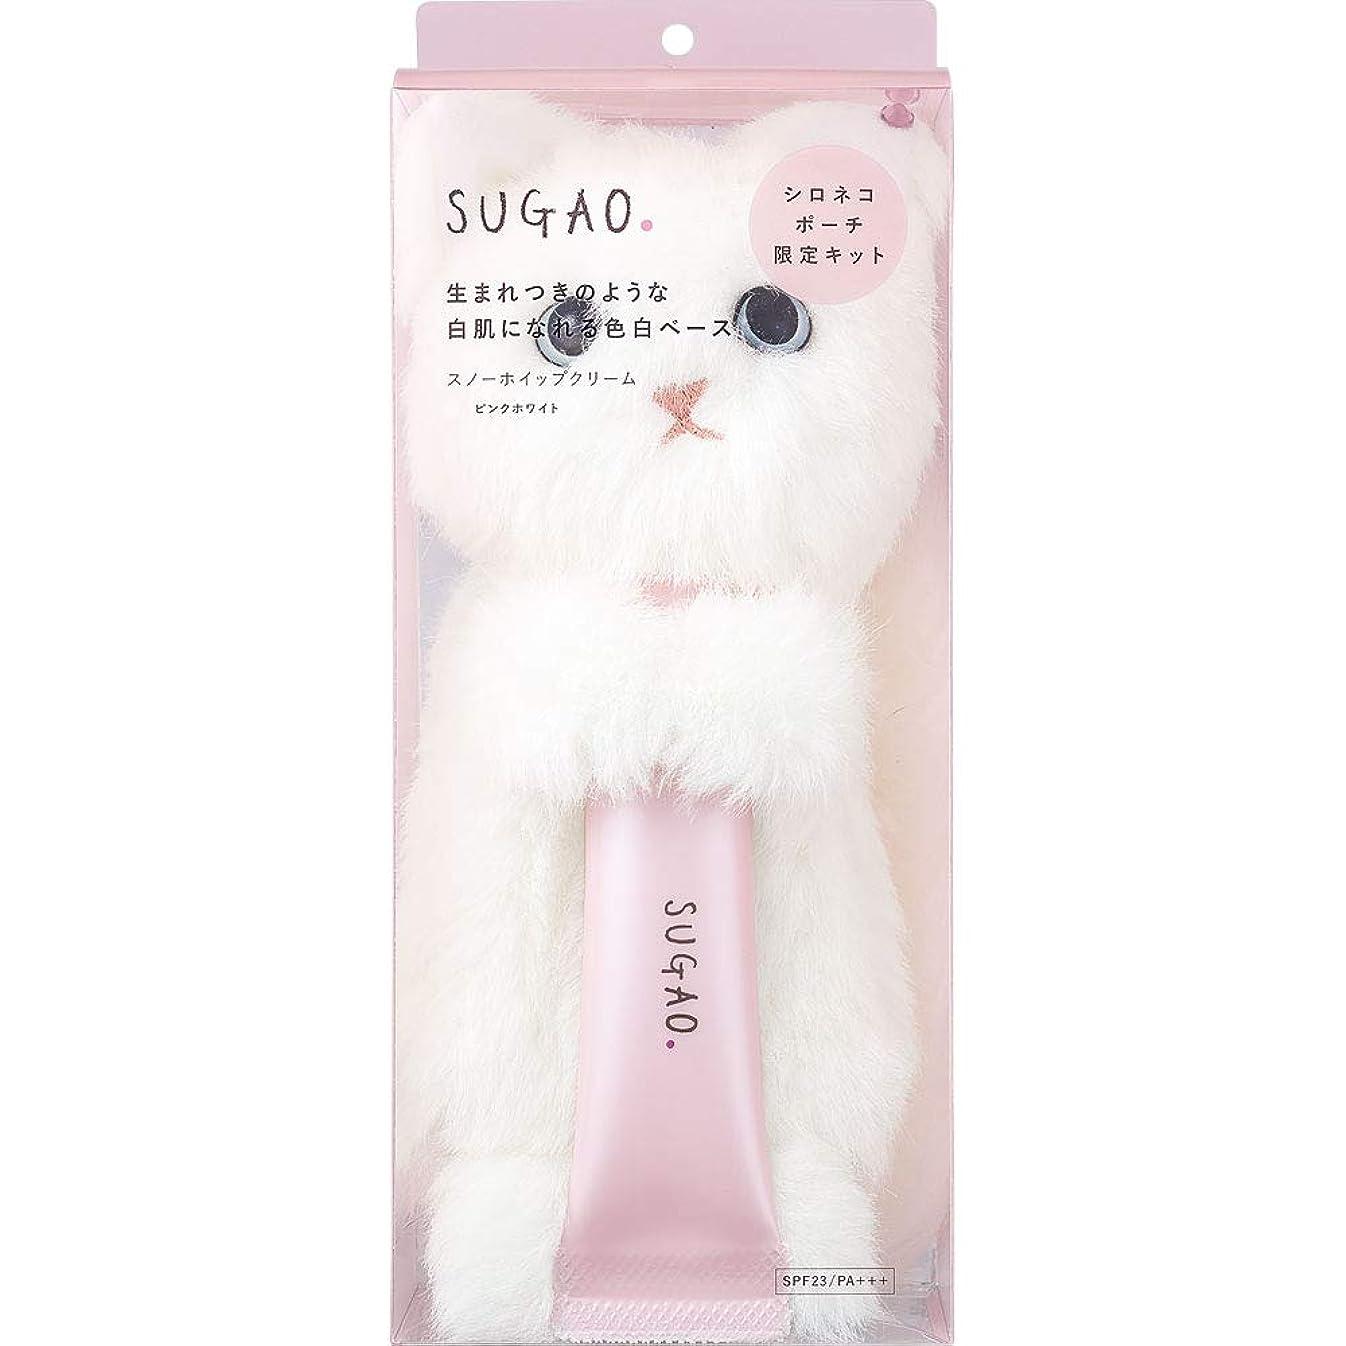 ベンチャープログラム気晴らしスガオ (SUGAO) 化粧下地 スノーホイップクリーム シロネコポーチ付き